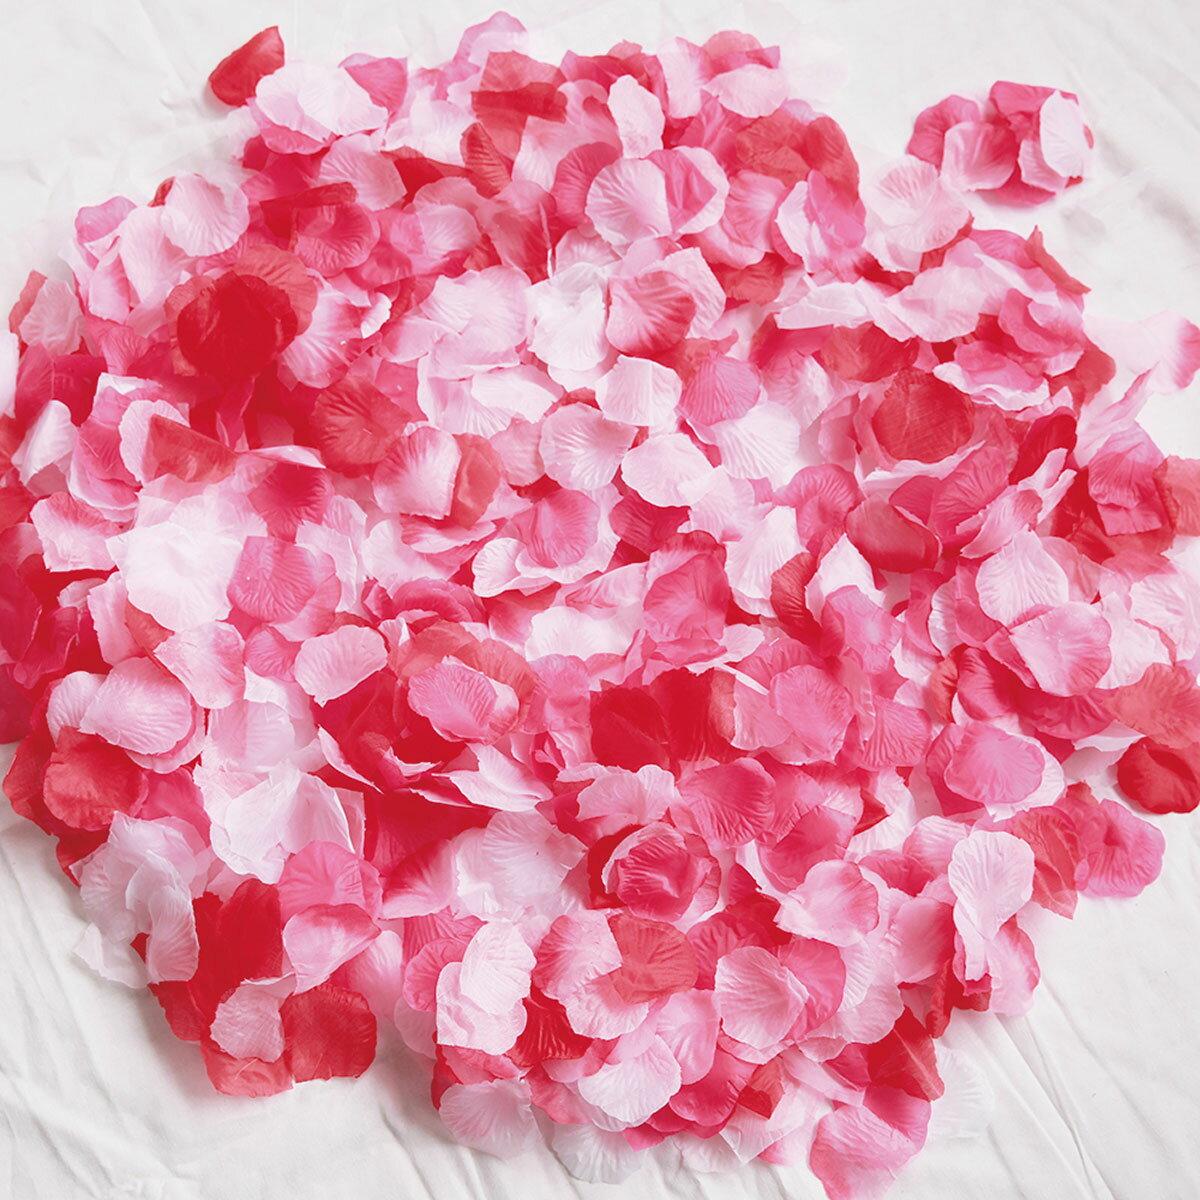 フラワーシャワー 造花 1000枚 ローズレッドMIX! 5色 赤 白 ピンク たっぷり フラワーペタル 結婚式 ウェディング ブライダル 2次会 披露宴 テーブル 花びら ウエルカムアイテム 挙式 記念 演出 写真映え セット flower shower【メール便で送料無料】